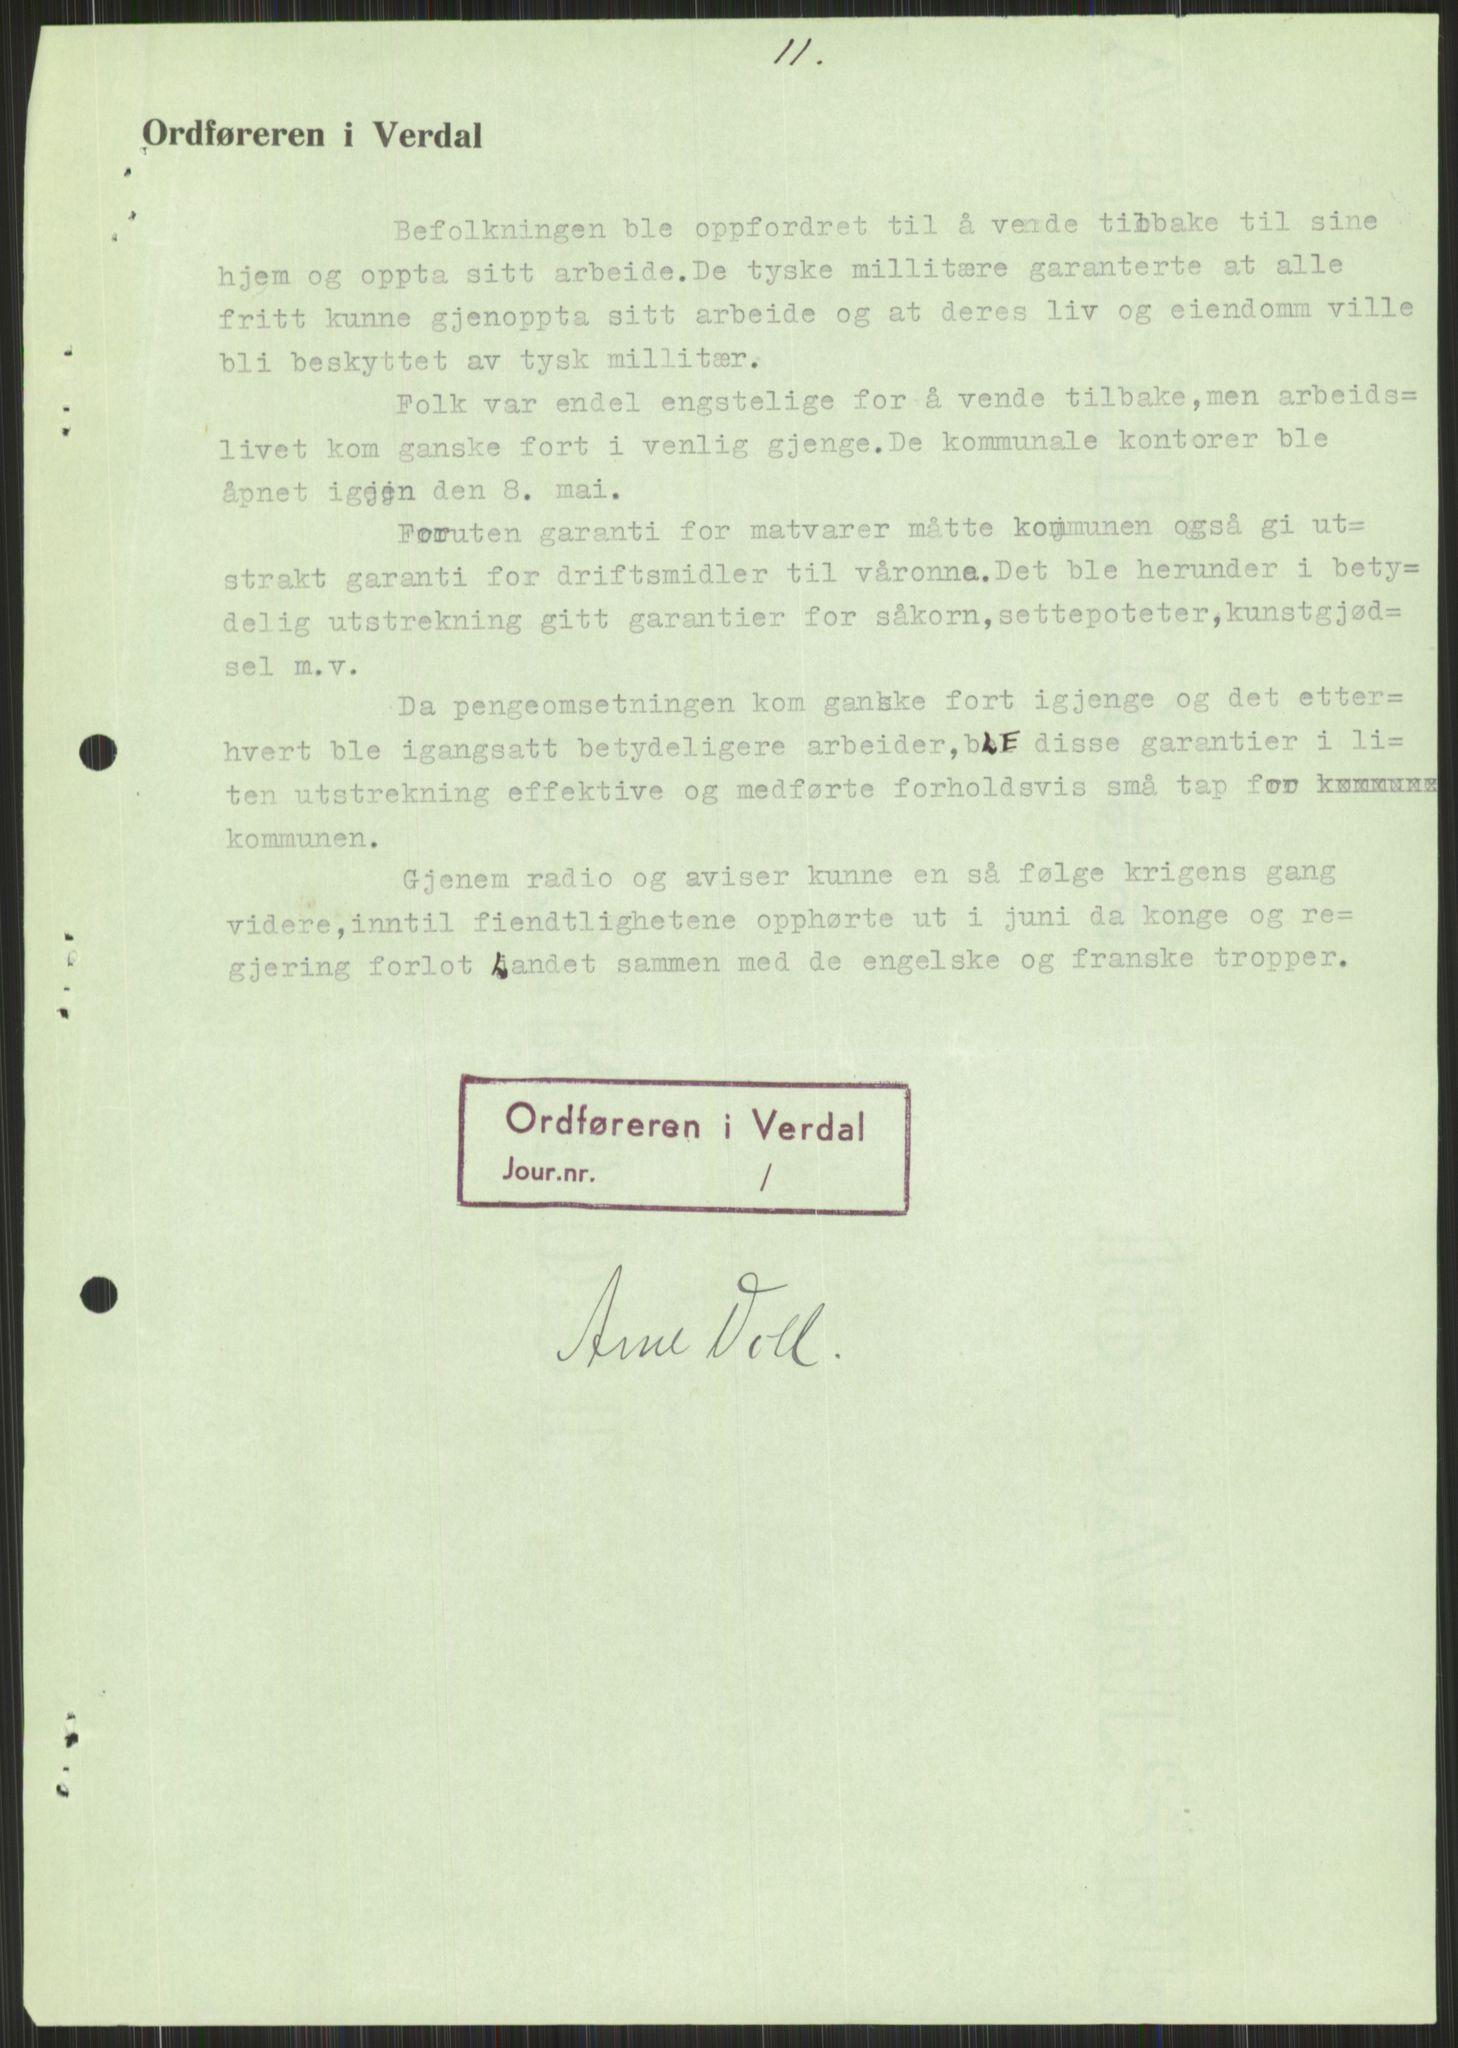 RA, Forsvaret, Forsvarets krigshistoriske avdeling, Y/Ya/L0016: II-C-11-31 - Fylkesmenn.  Rapporter om krigsbegivenhetene 1940., 1940, s. 603